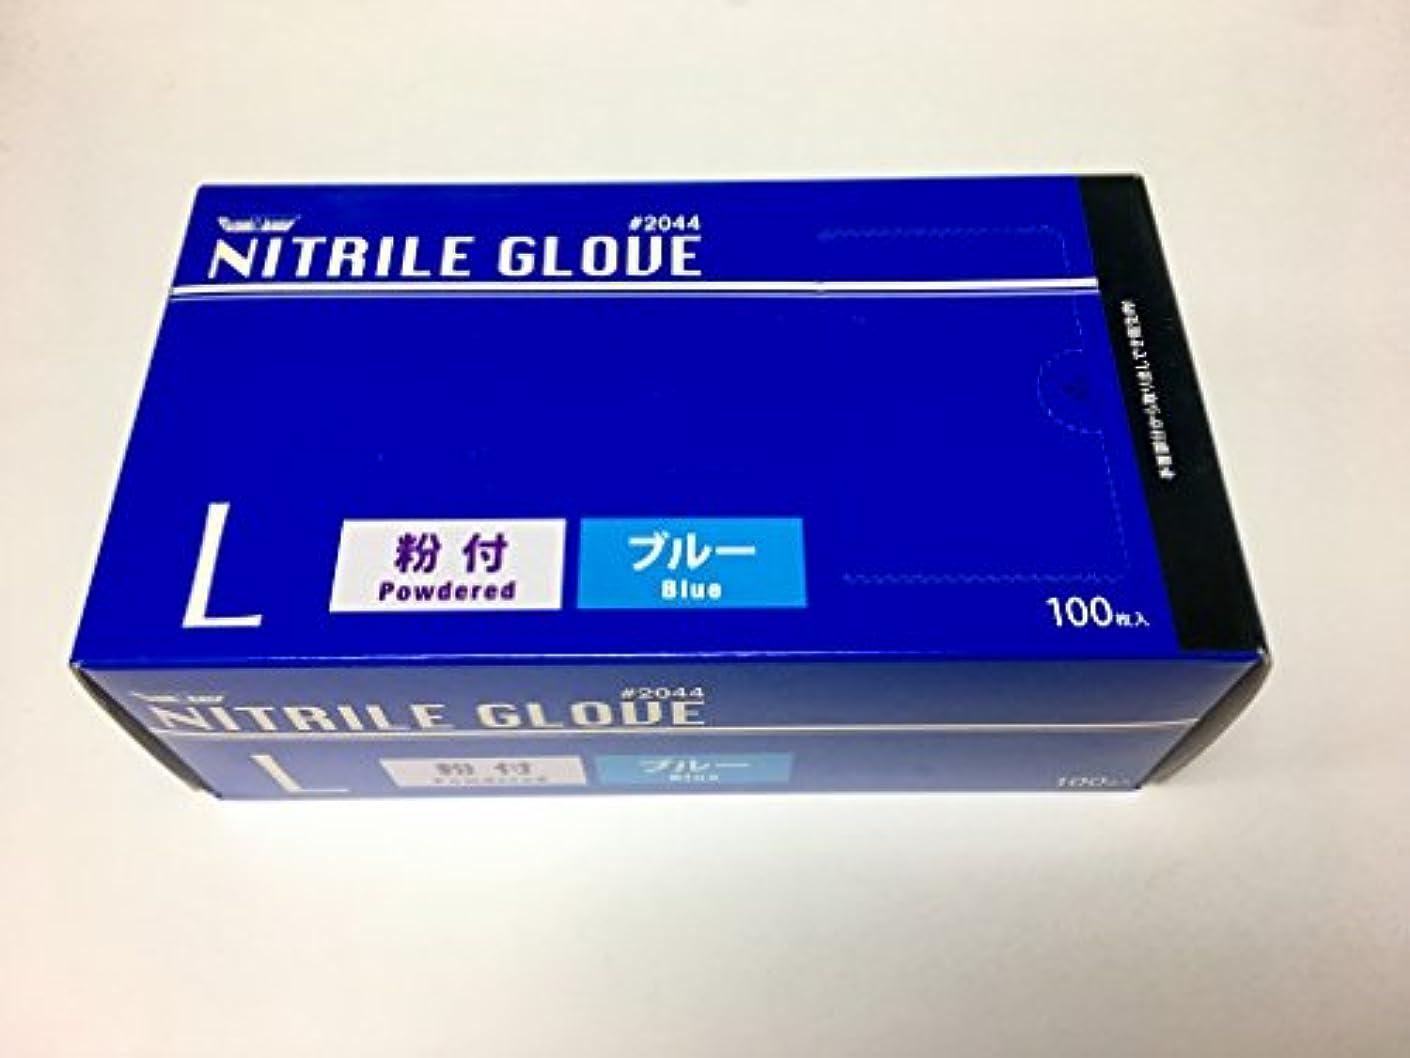 十分にシャトル仕様川西工業 ニトリル手袋#2044粉付 青L 100枚×20